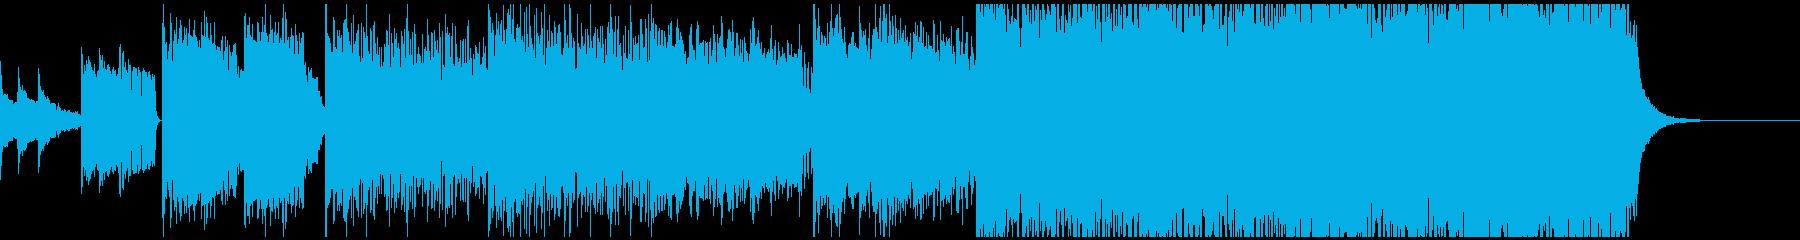 ドラムンベースの再生済みの波形